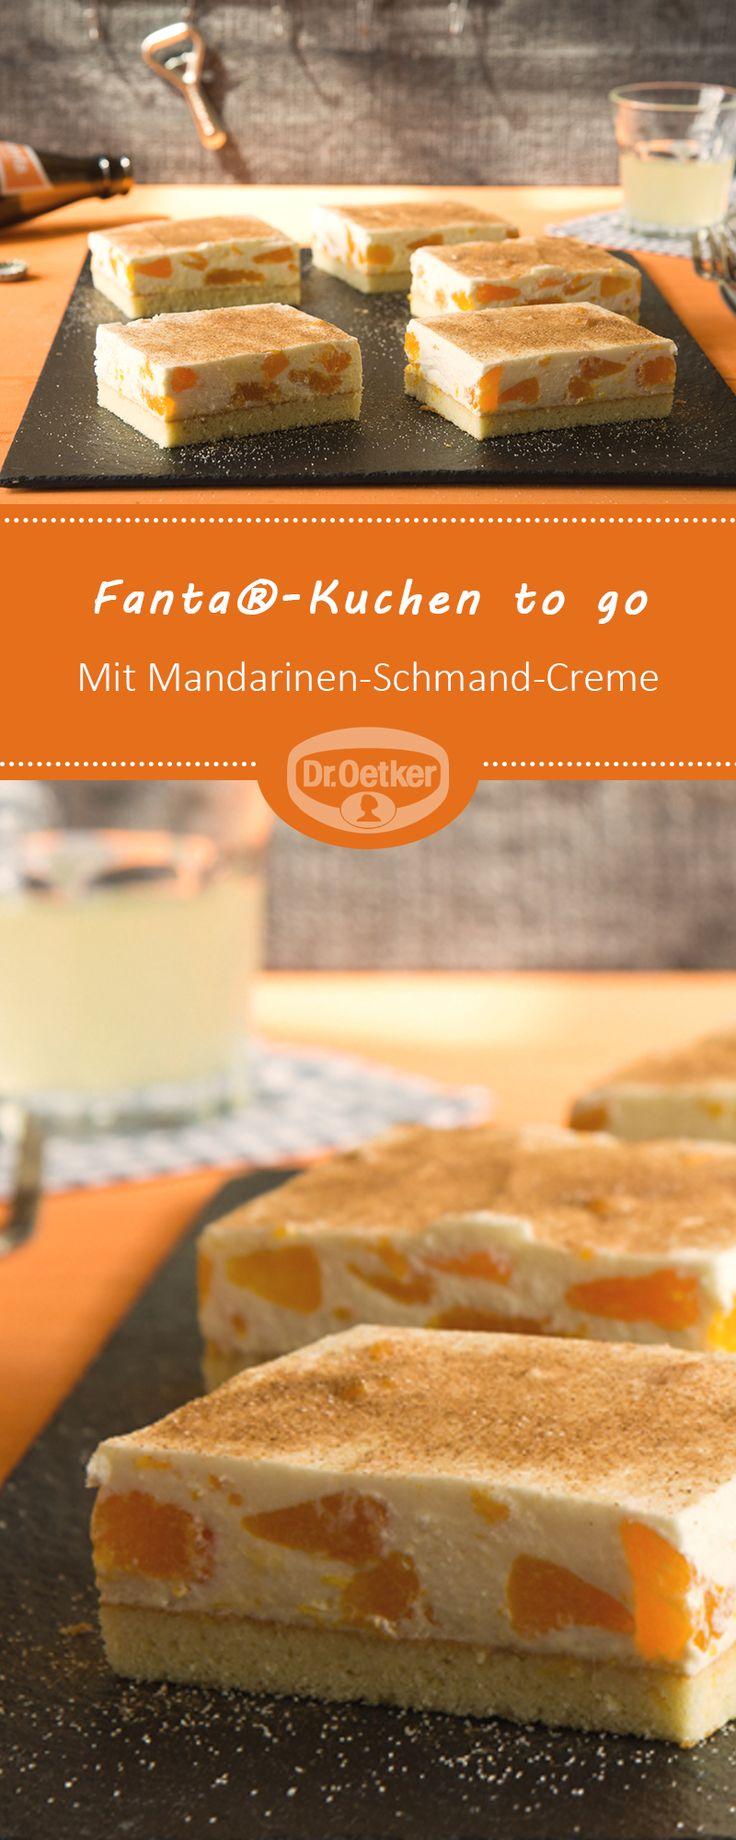 Fanta®-Torte zum Mitnehmen: Klassiker mit Mandarinen-Sauerrahm #selberma …   – Traumhafte Kuchen-Rezepte